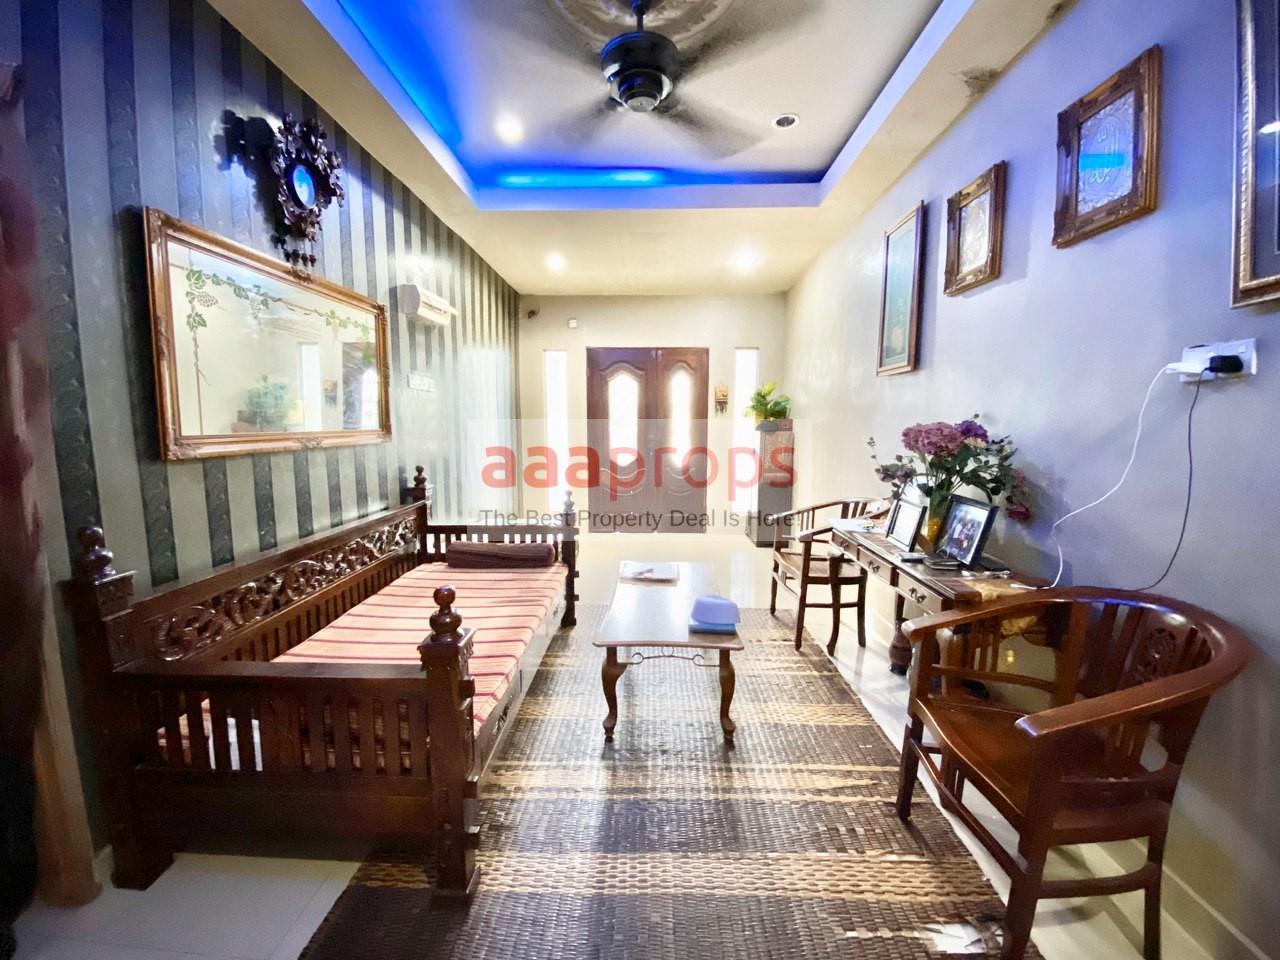 Single Storey Terrace House, Jalan Jambu Air, Taman Meru Ria, Klang